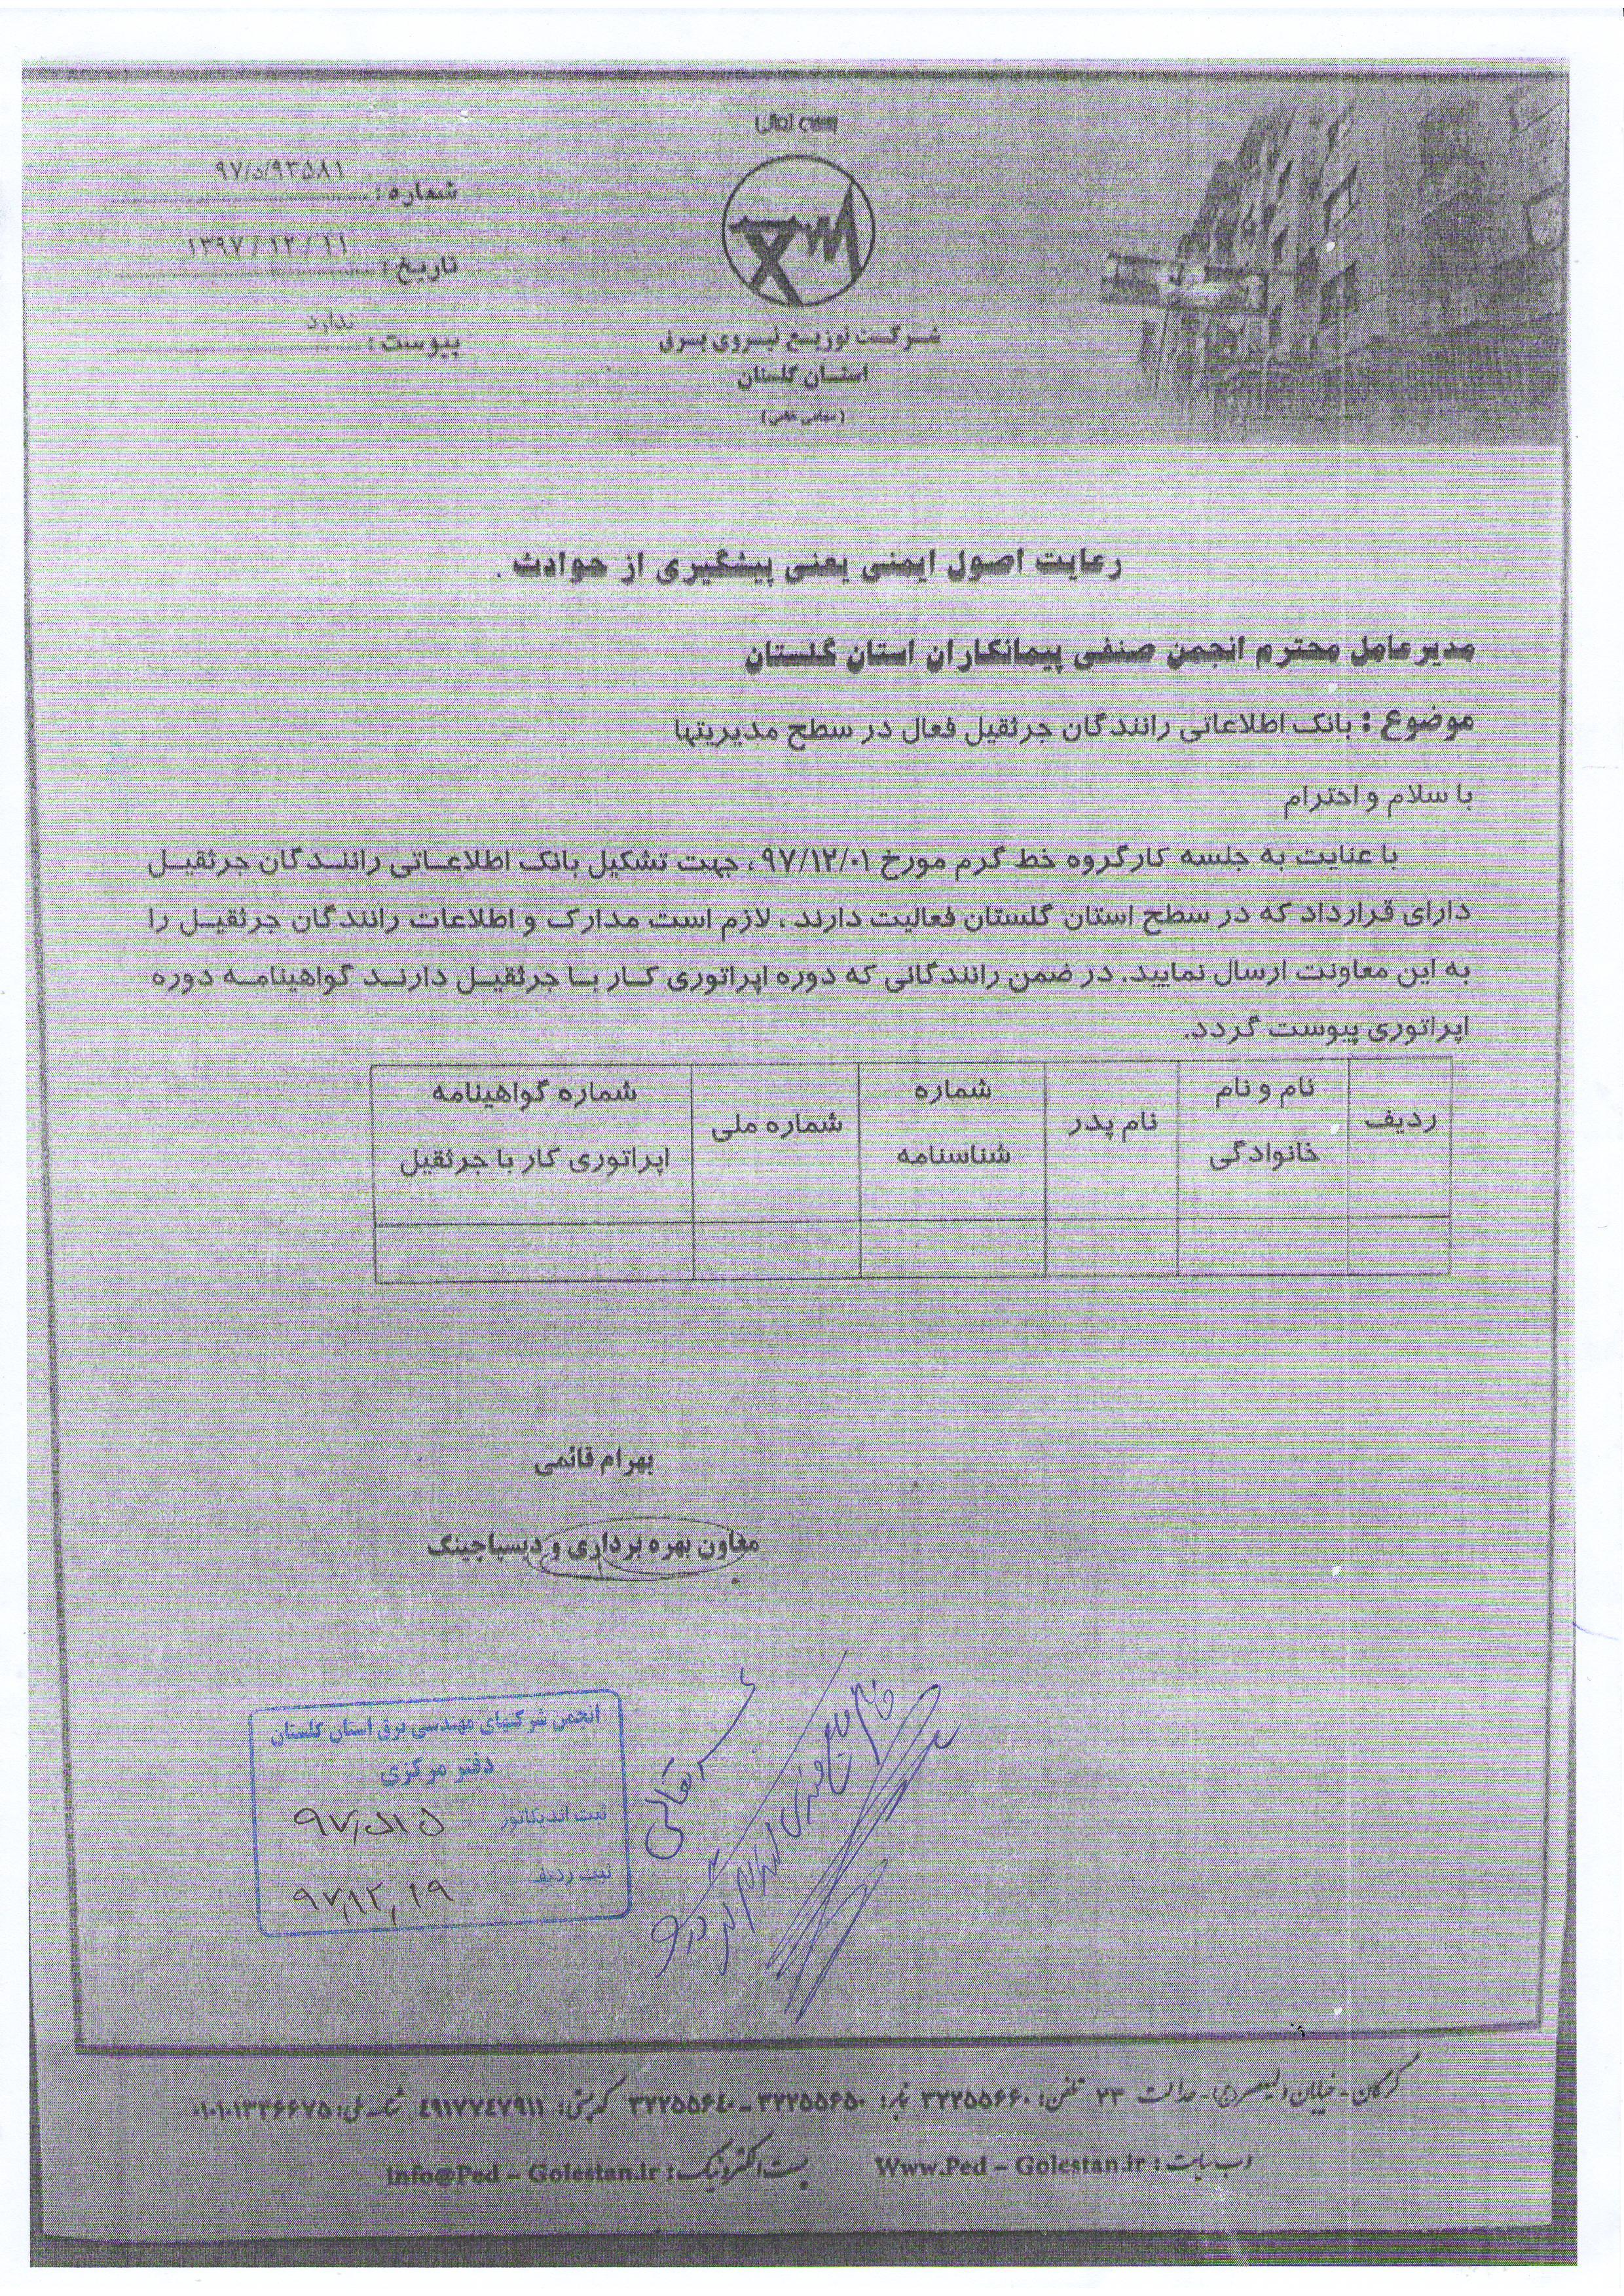 فراخوان جمع آوری بانک اطلاعات رانندگان جرثقیل فعال در سطح مدیریت های برق استان